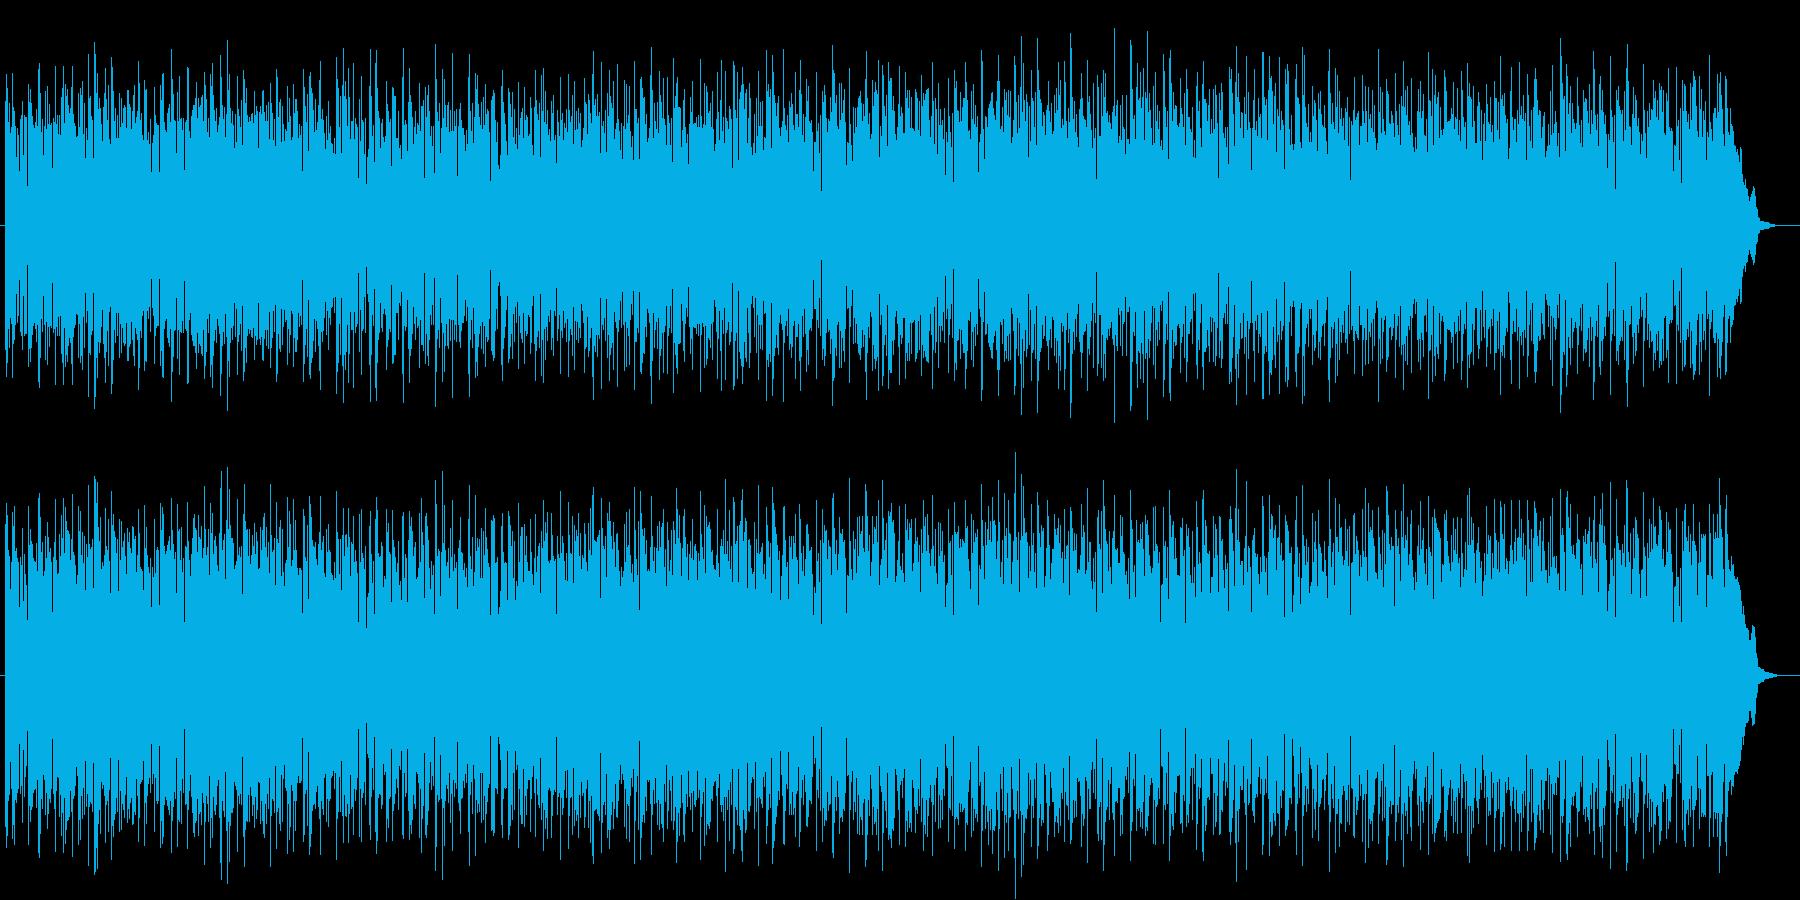 お洒落なカフェミュージック的なボサノバの再生済みの波形